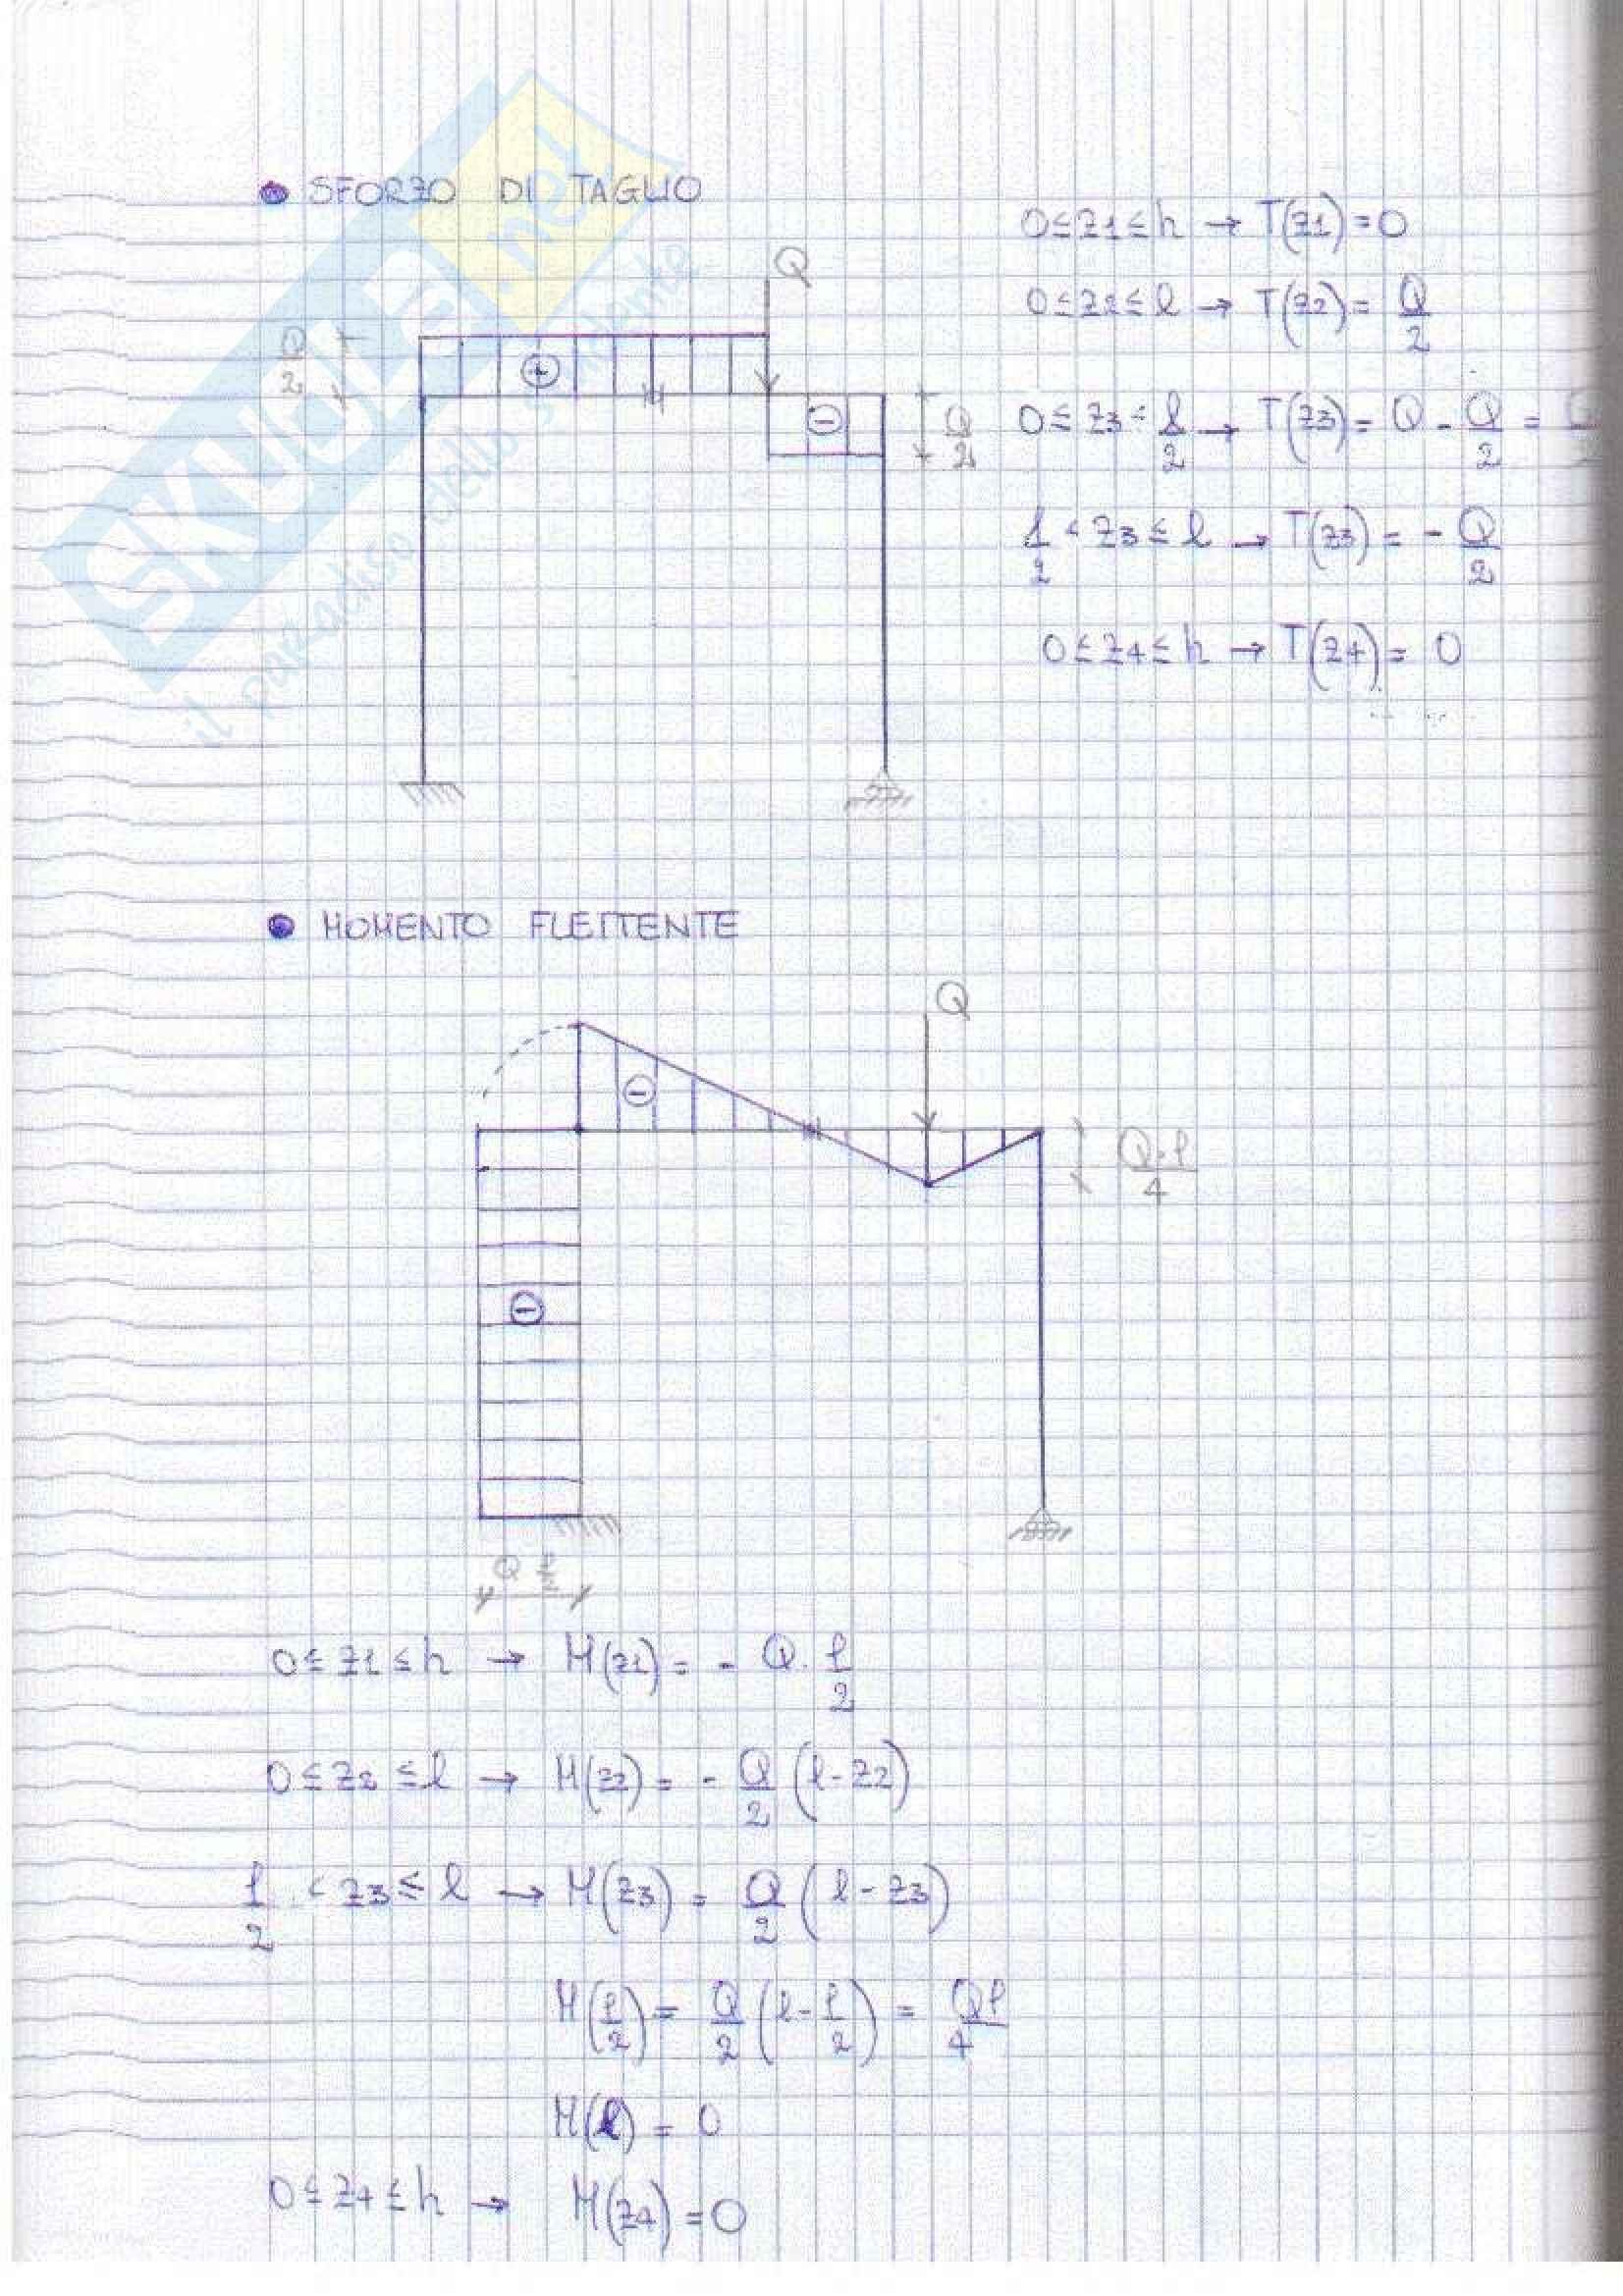 Scienza delle costruzioni - Esercizi Pag. 31